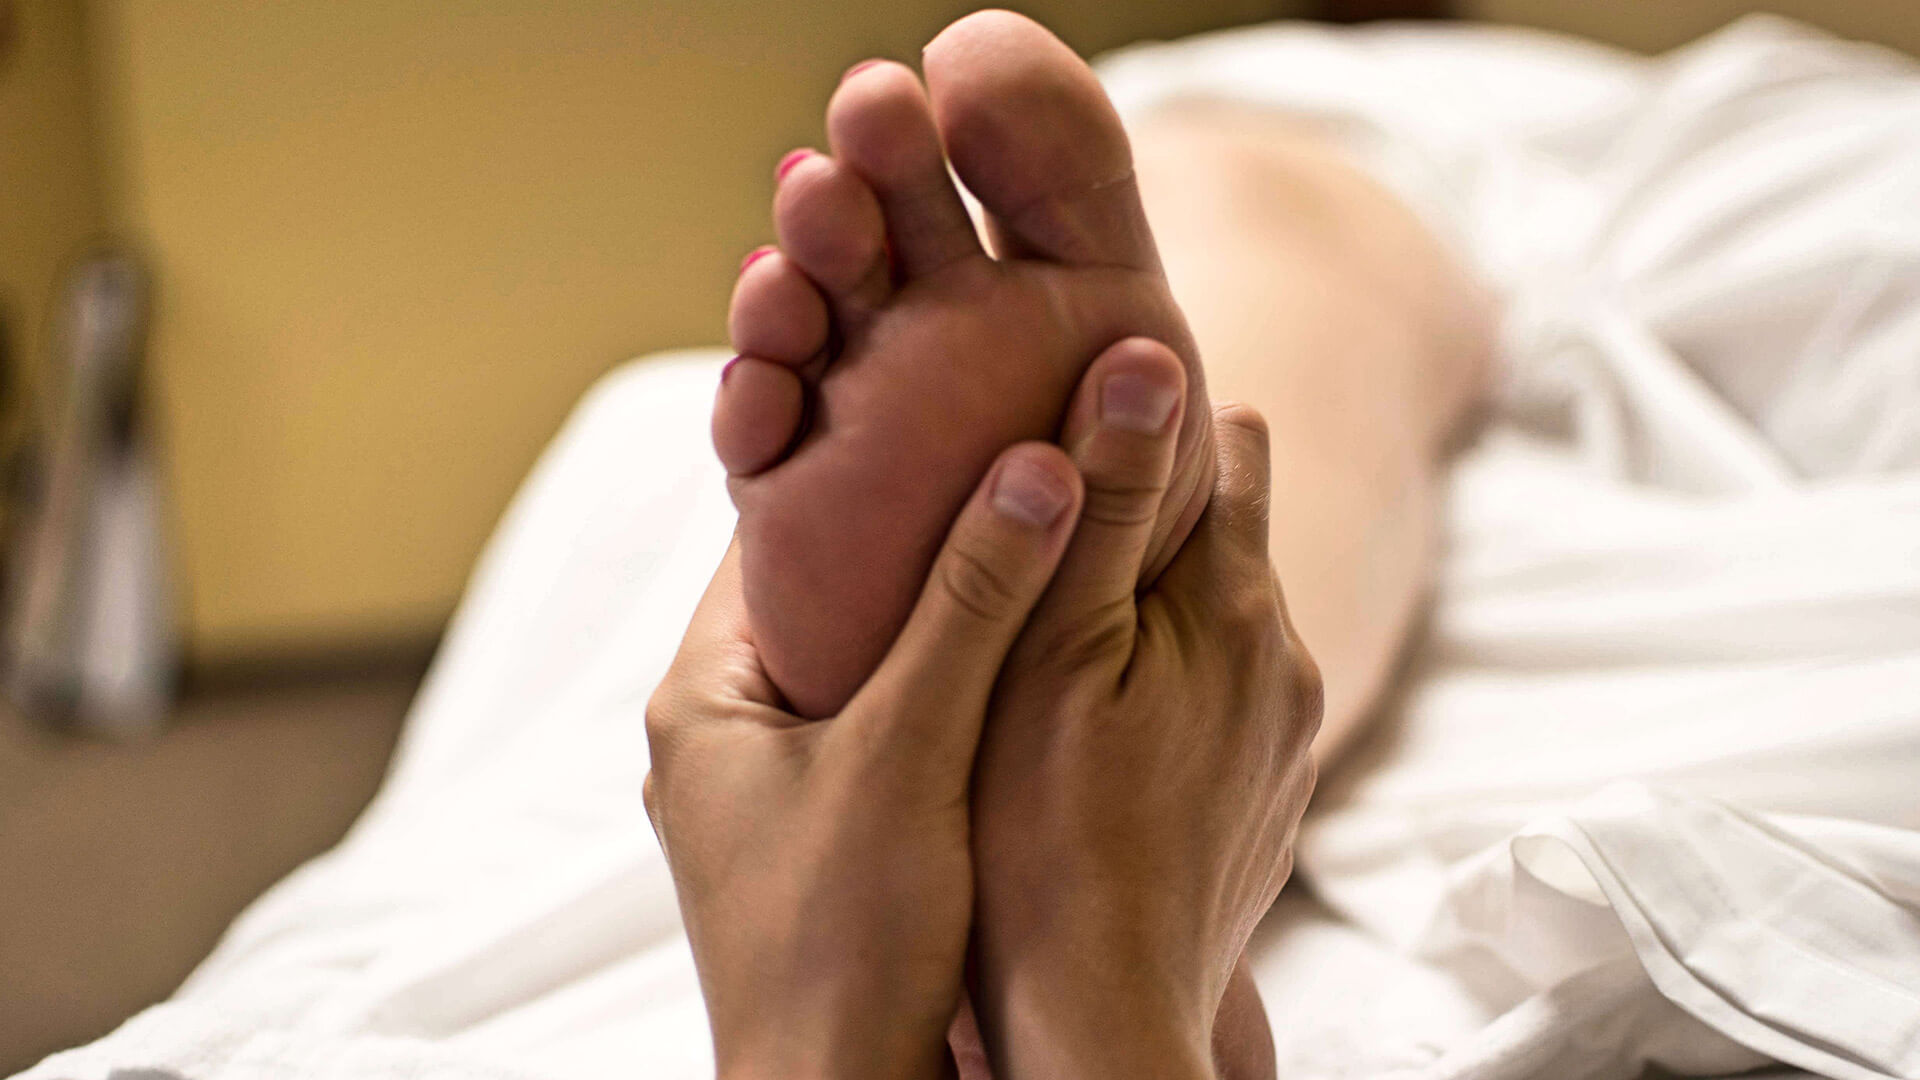 Fußreflexzonen Punkte - ganzheitliches Wohlbefinden steigern